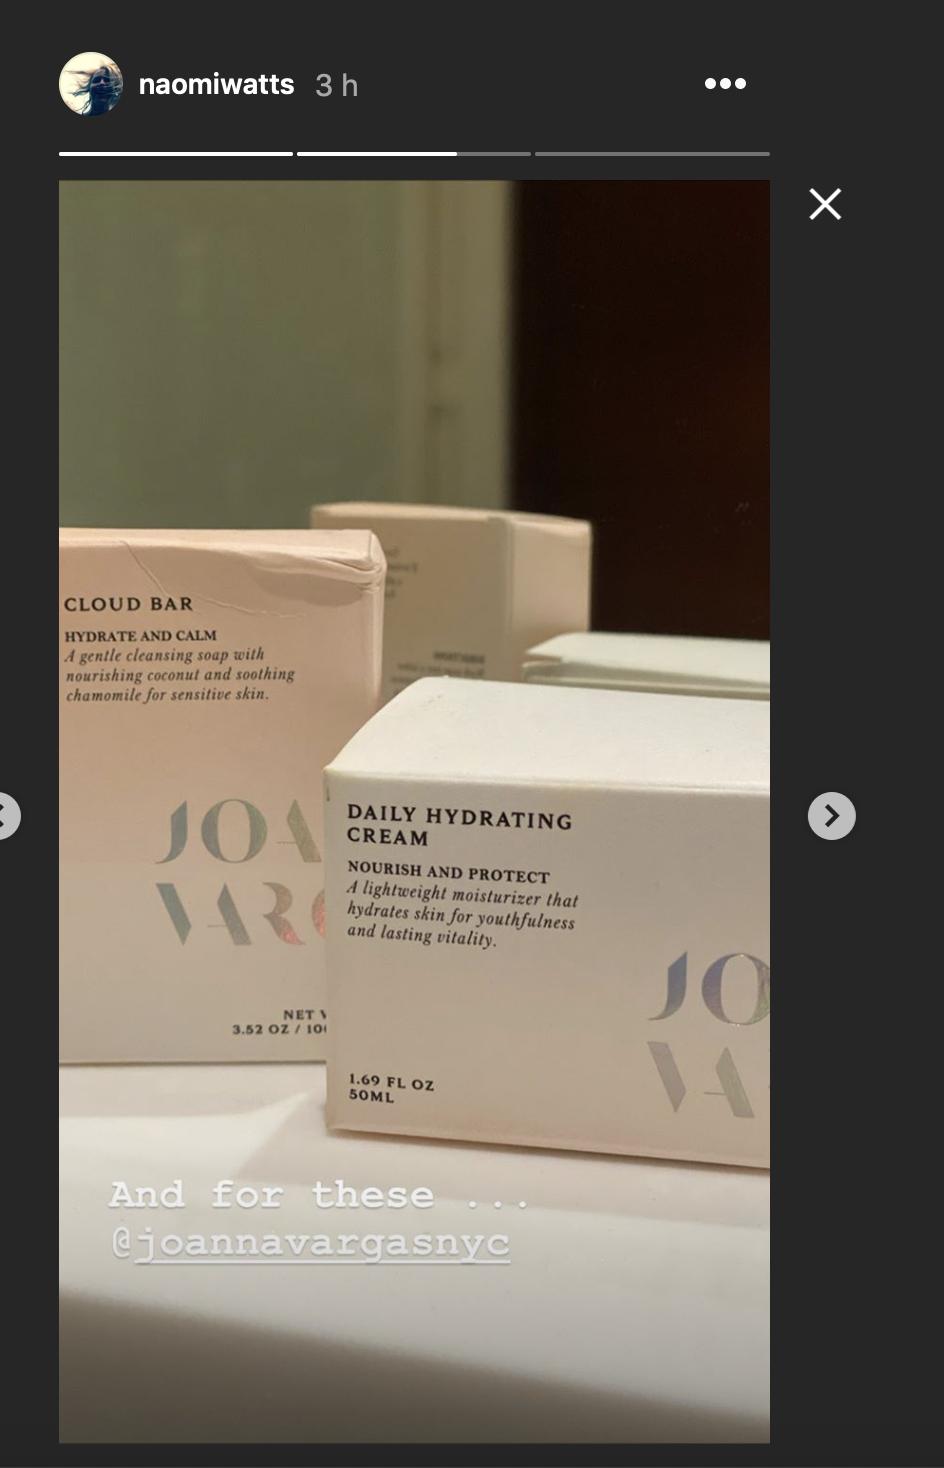 Los productos cosméticos que usa Naomi Watts